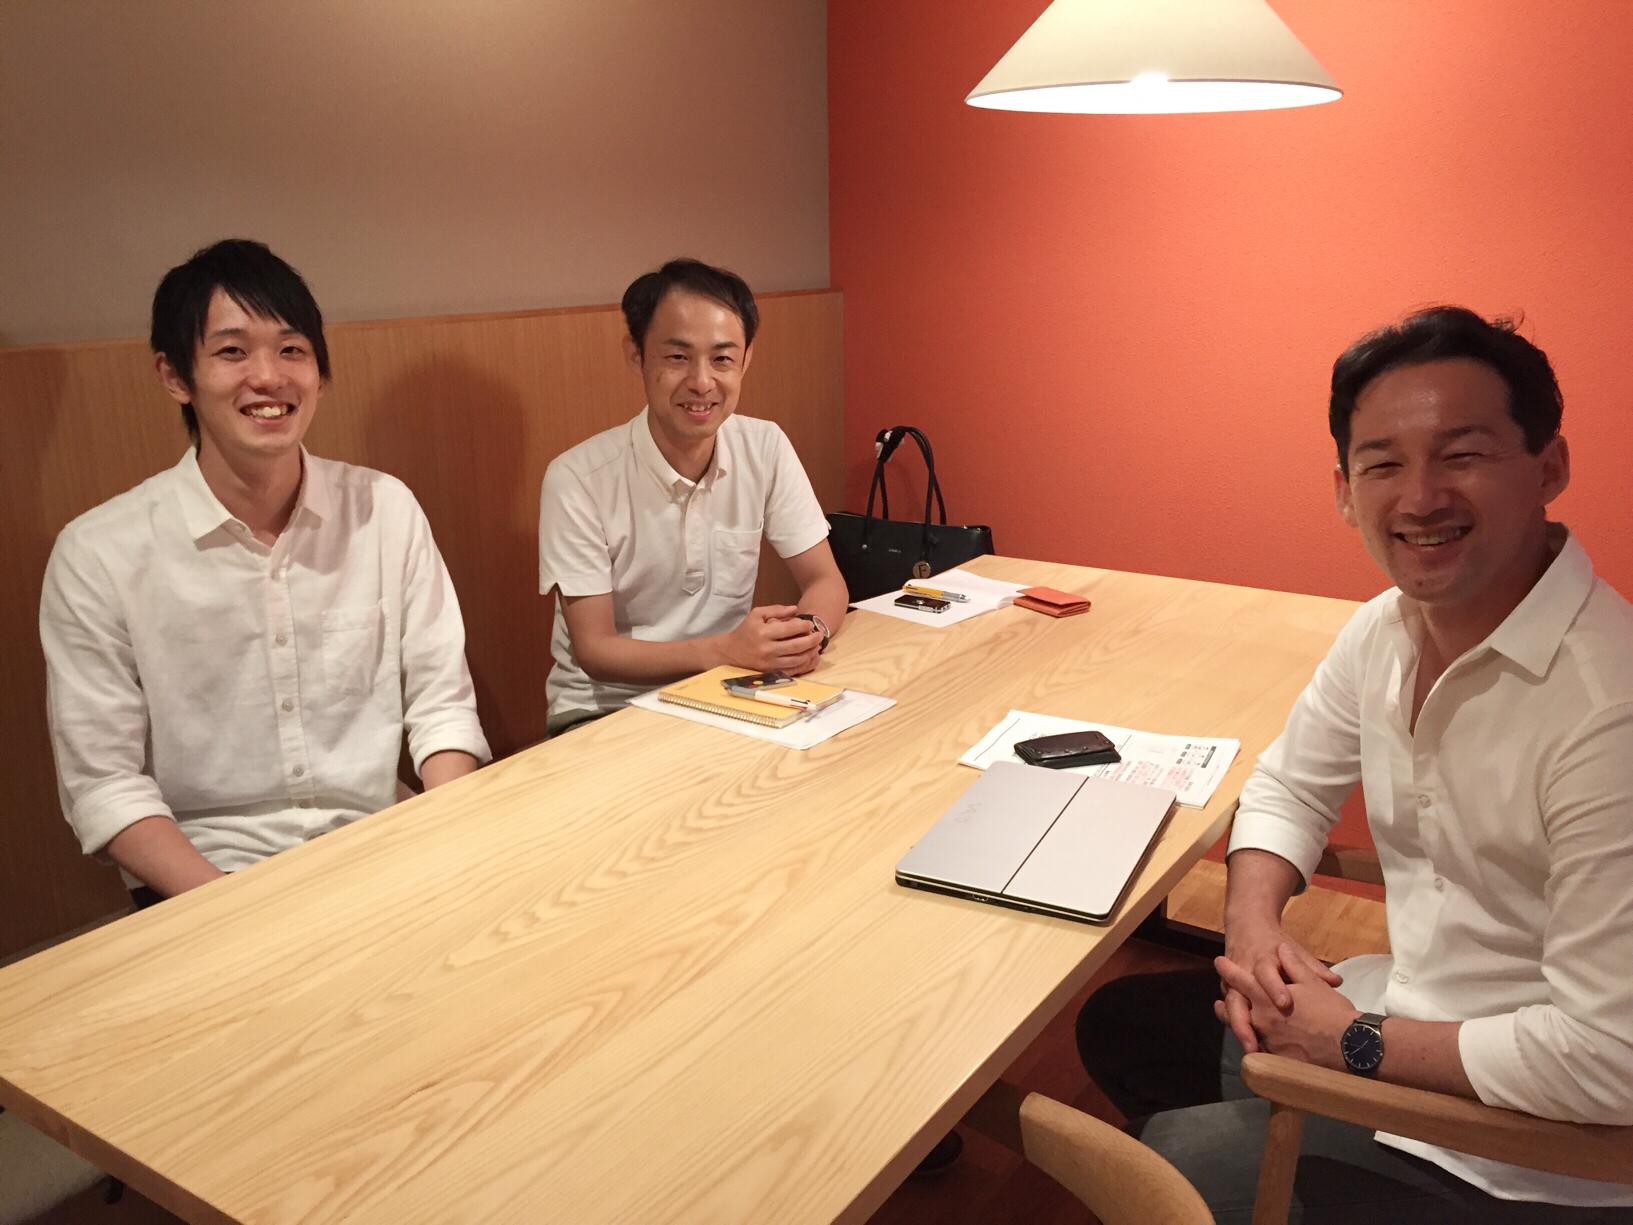 三浦雅之さんと大石先生と中西さん